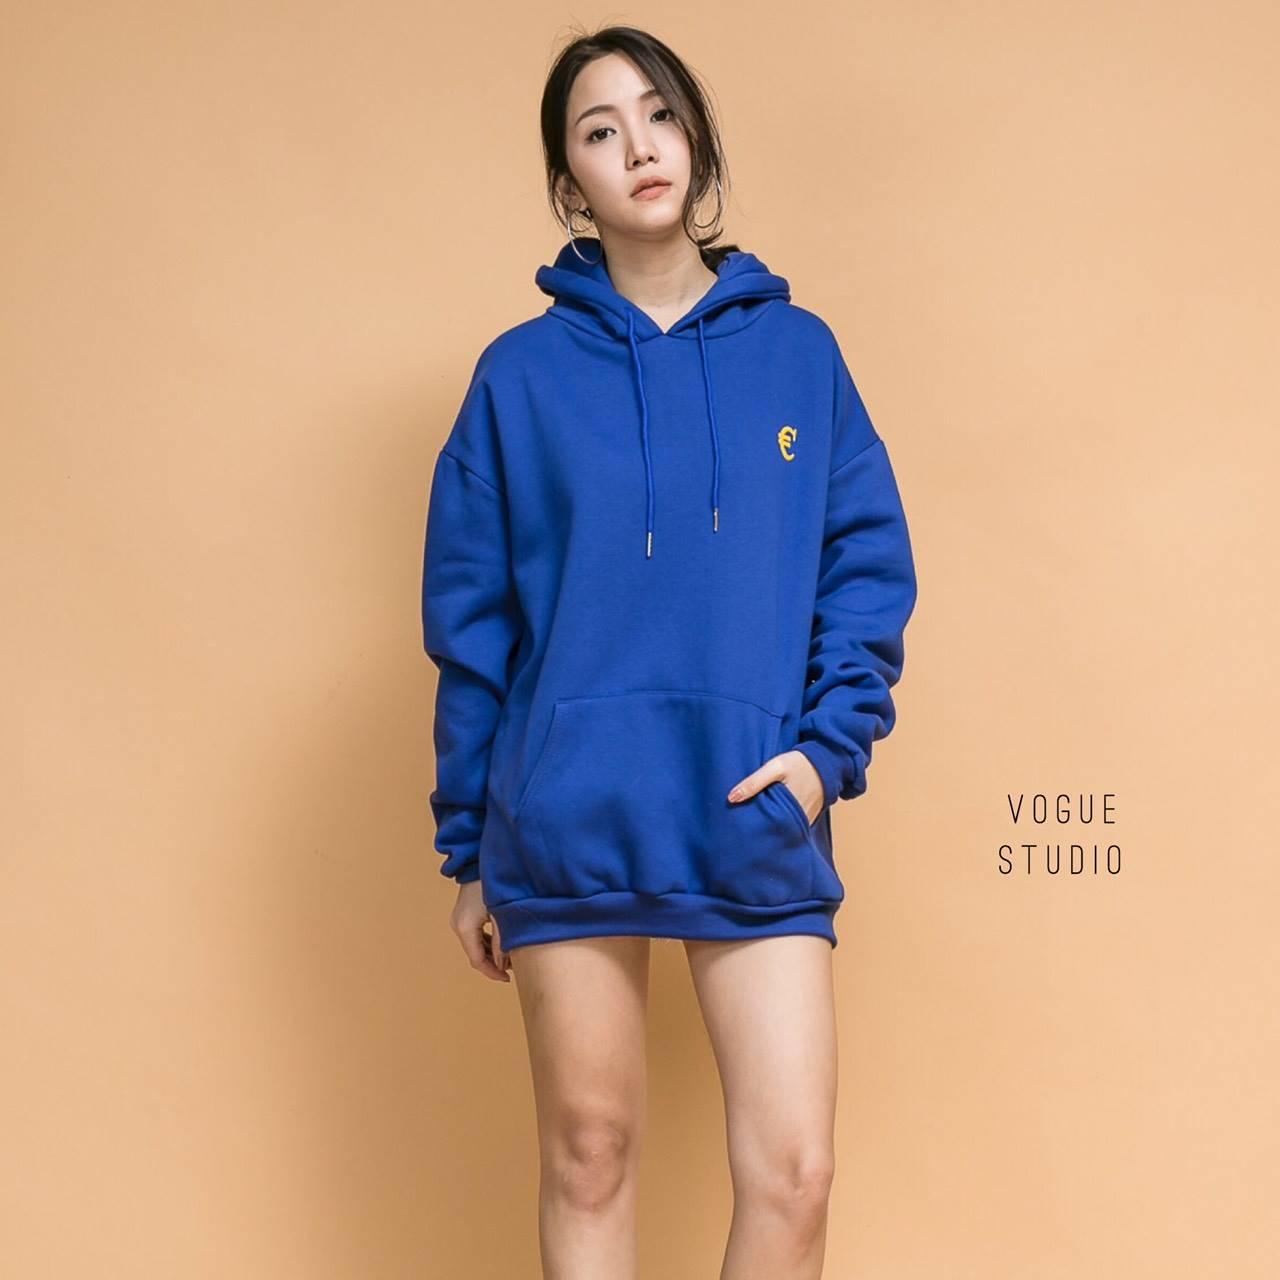 เสื้อผ้าเกาหลีพร้อมส่ง เสื้อฮู้ดแขนยาวสีน้ำเงิน